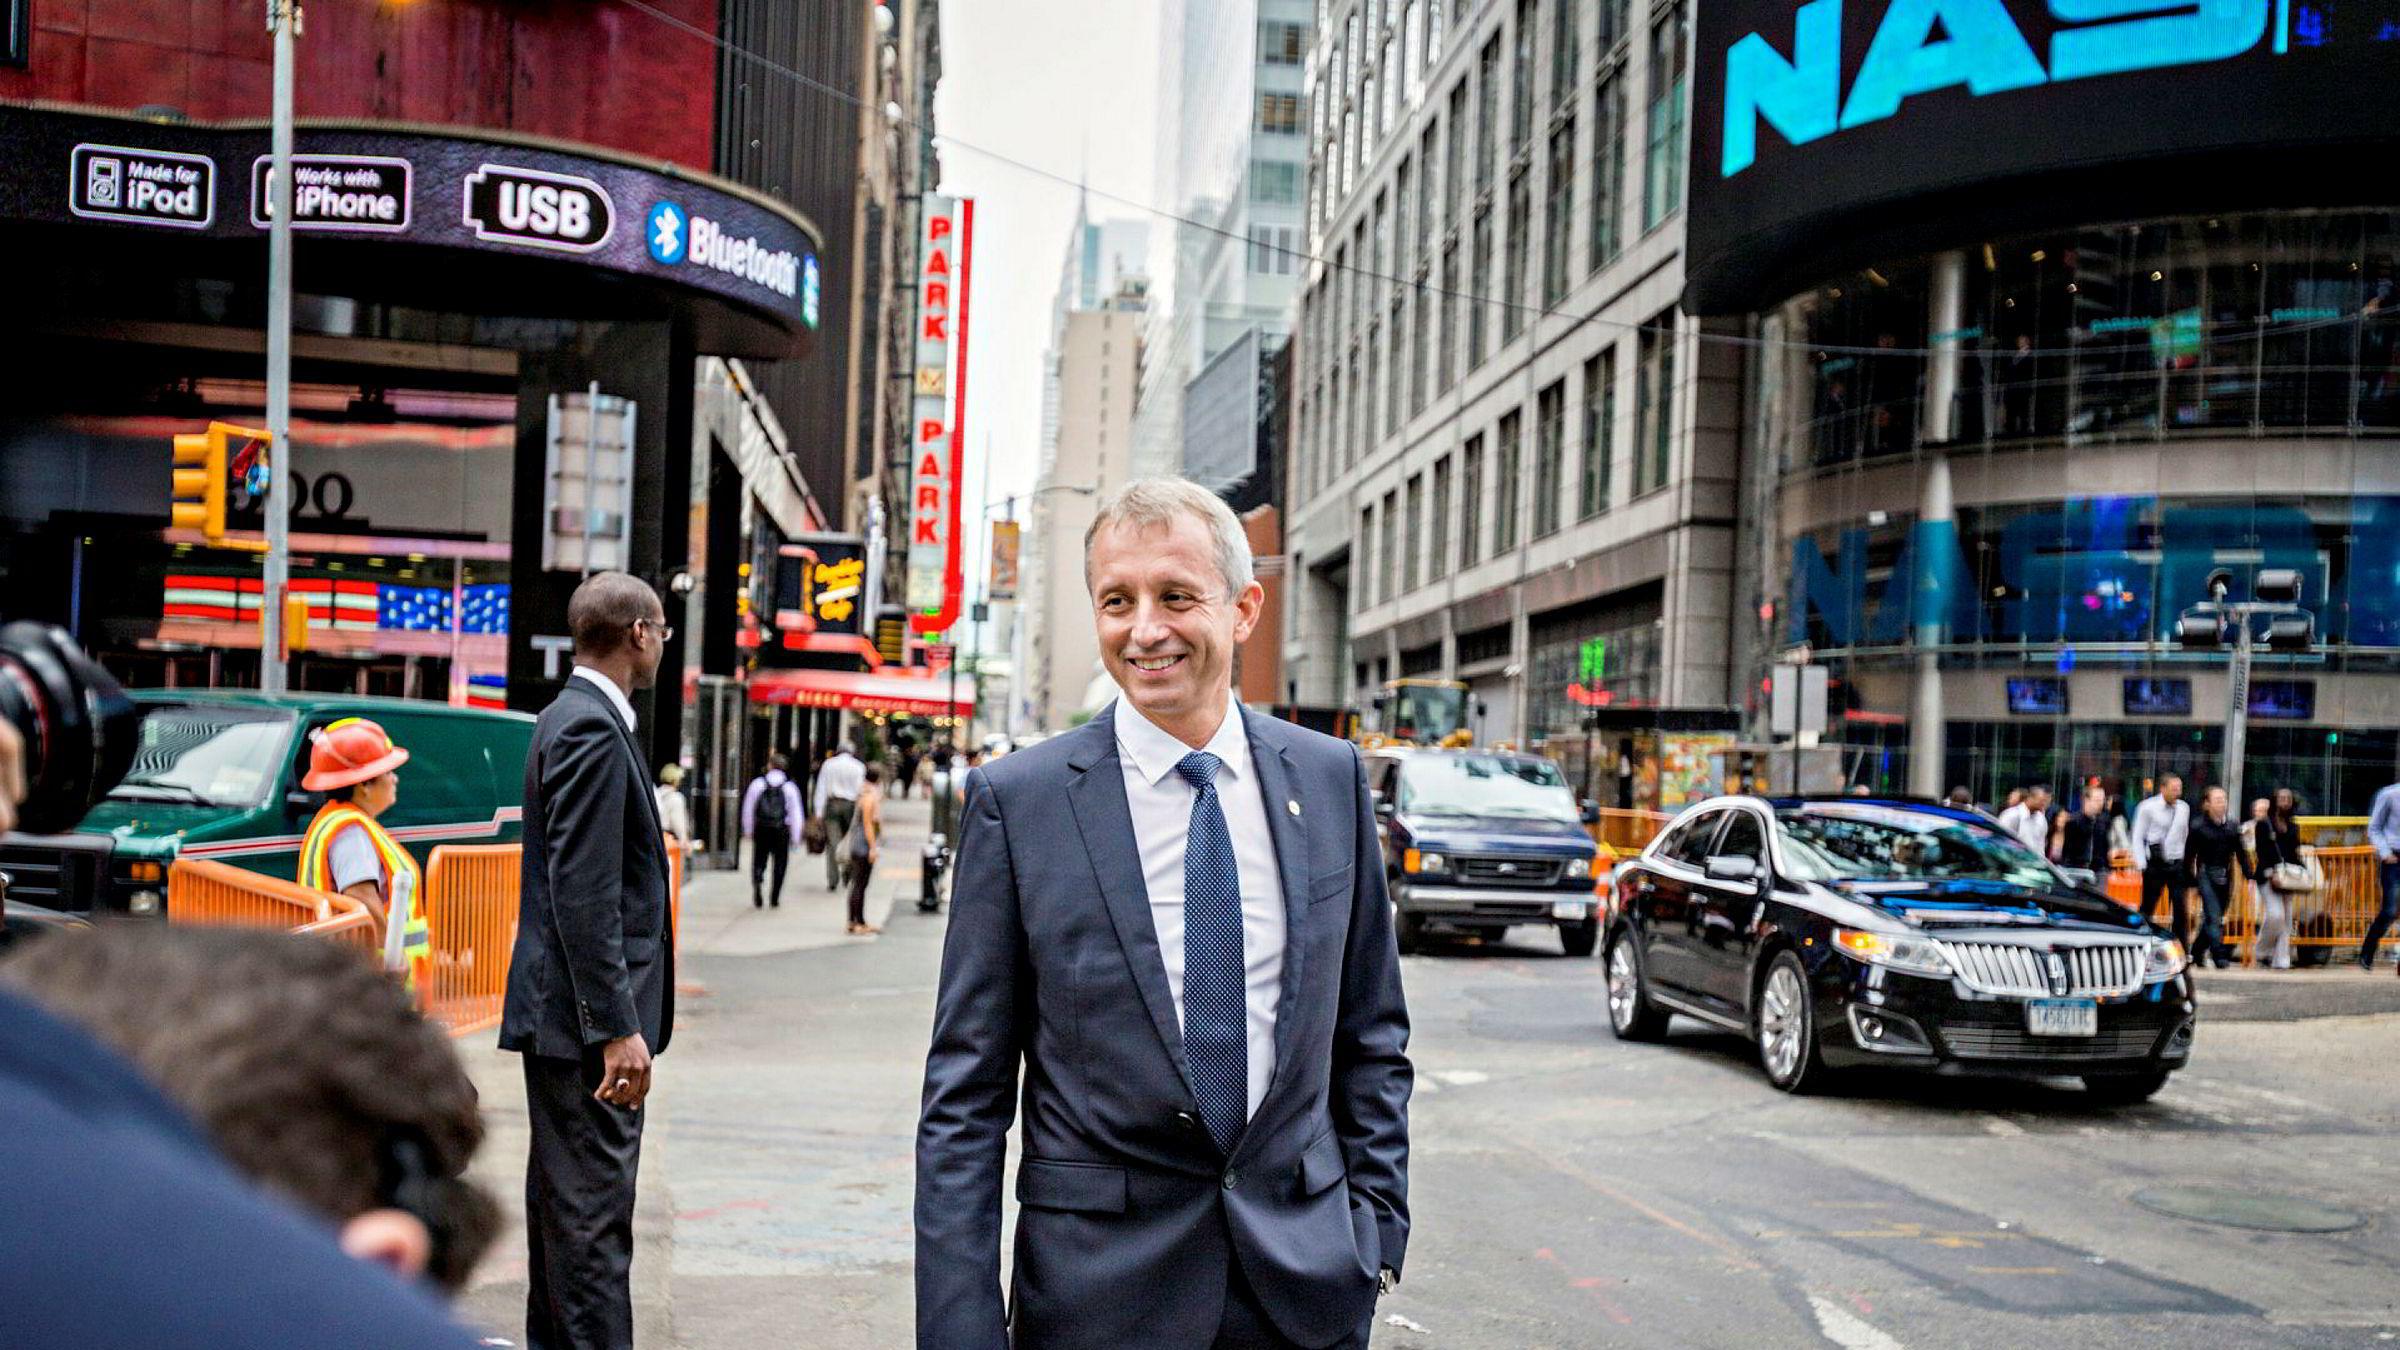 New York, USA, 10.09.2013 daværende konsernsjef Jo Lunder, sjef i telekomselskapet Vimpelcom.